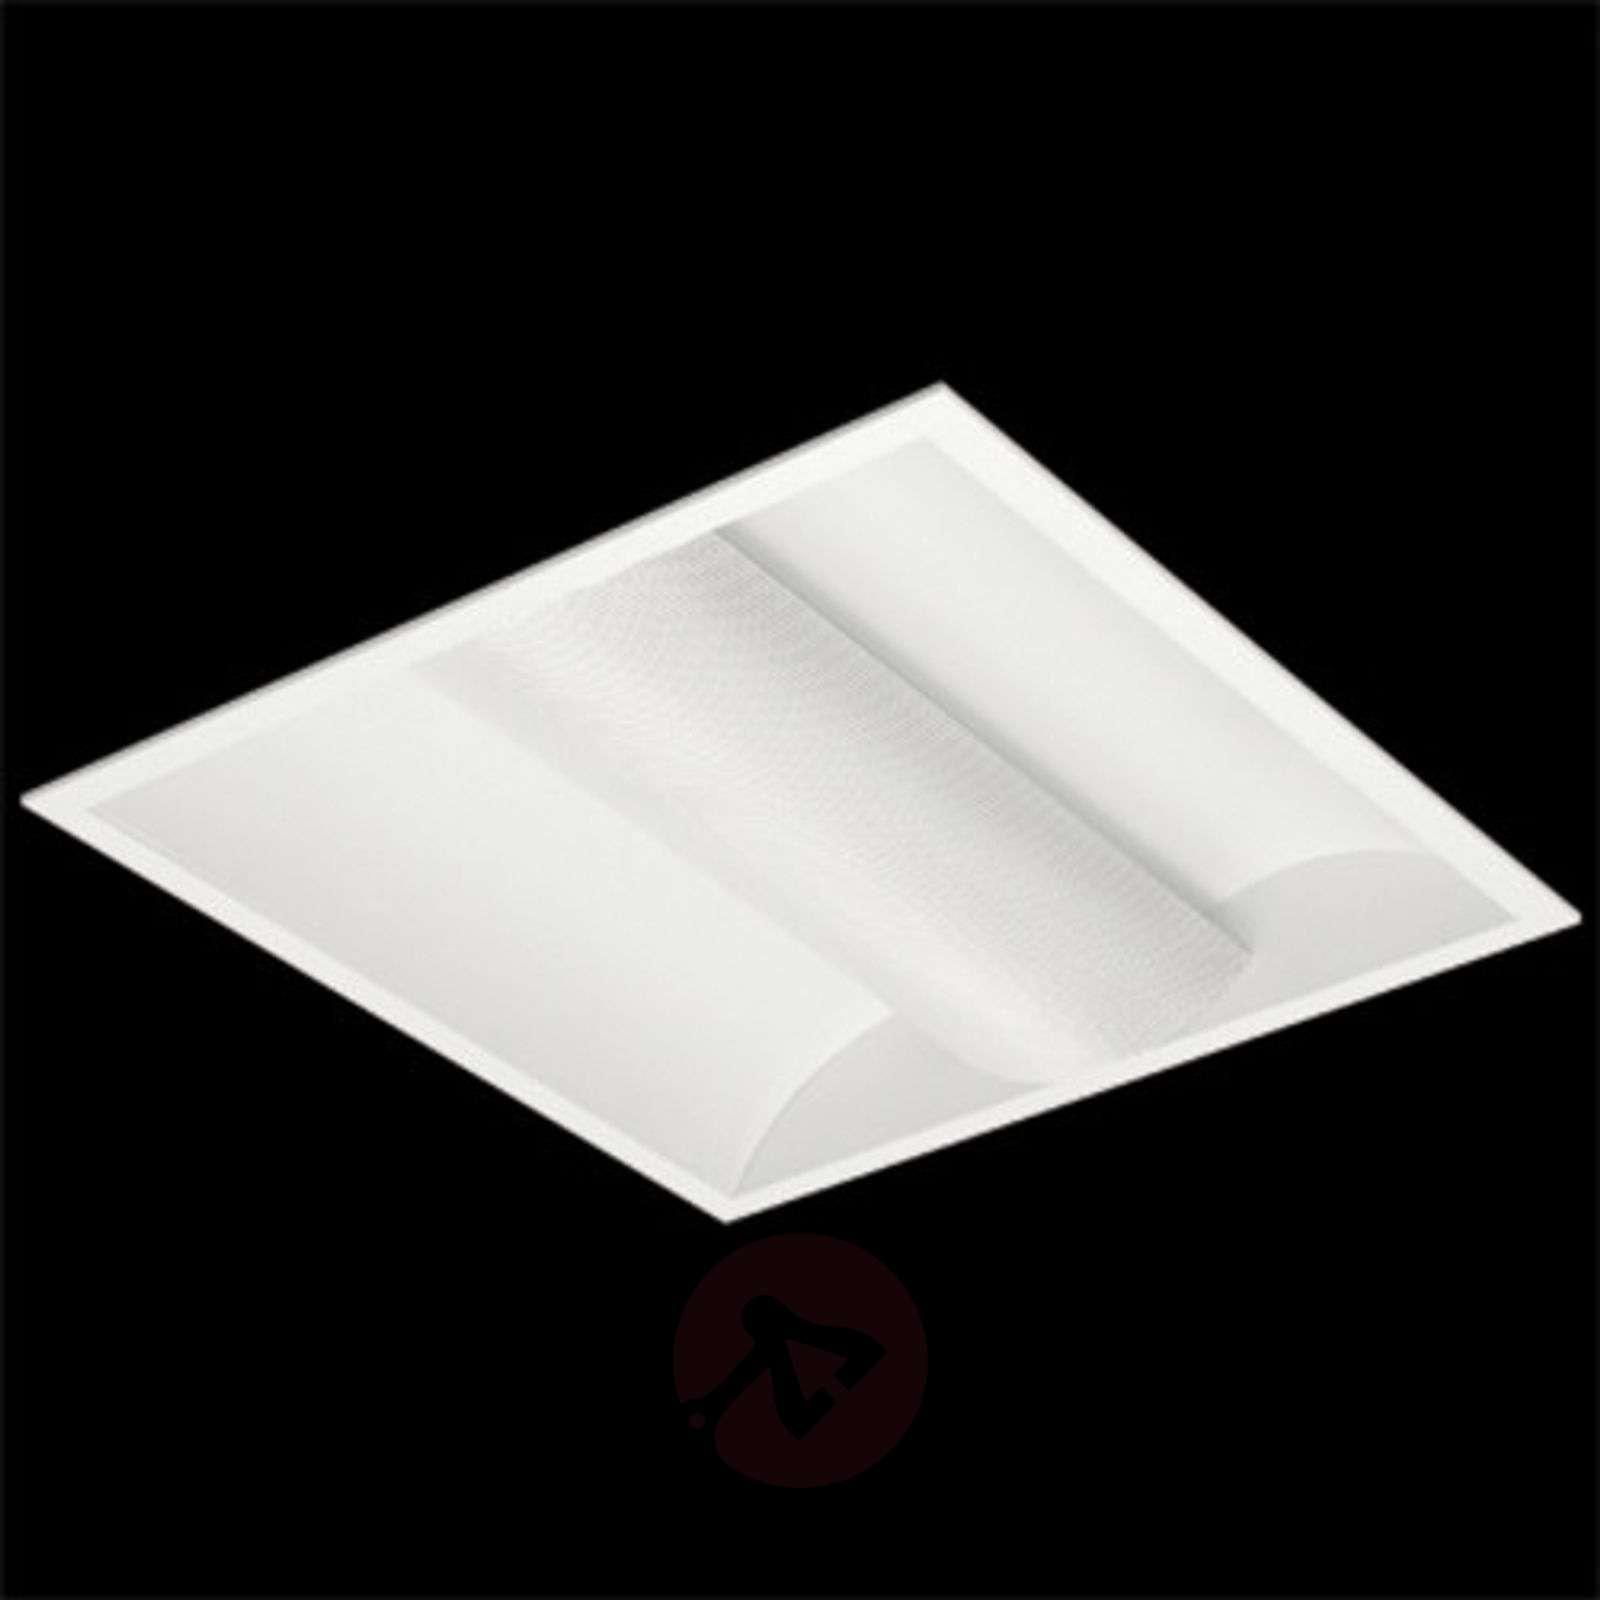 Eve recessed ceiling light, soft light 2x36W-1002342-01